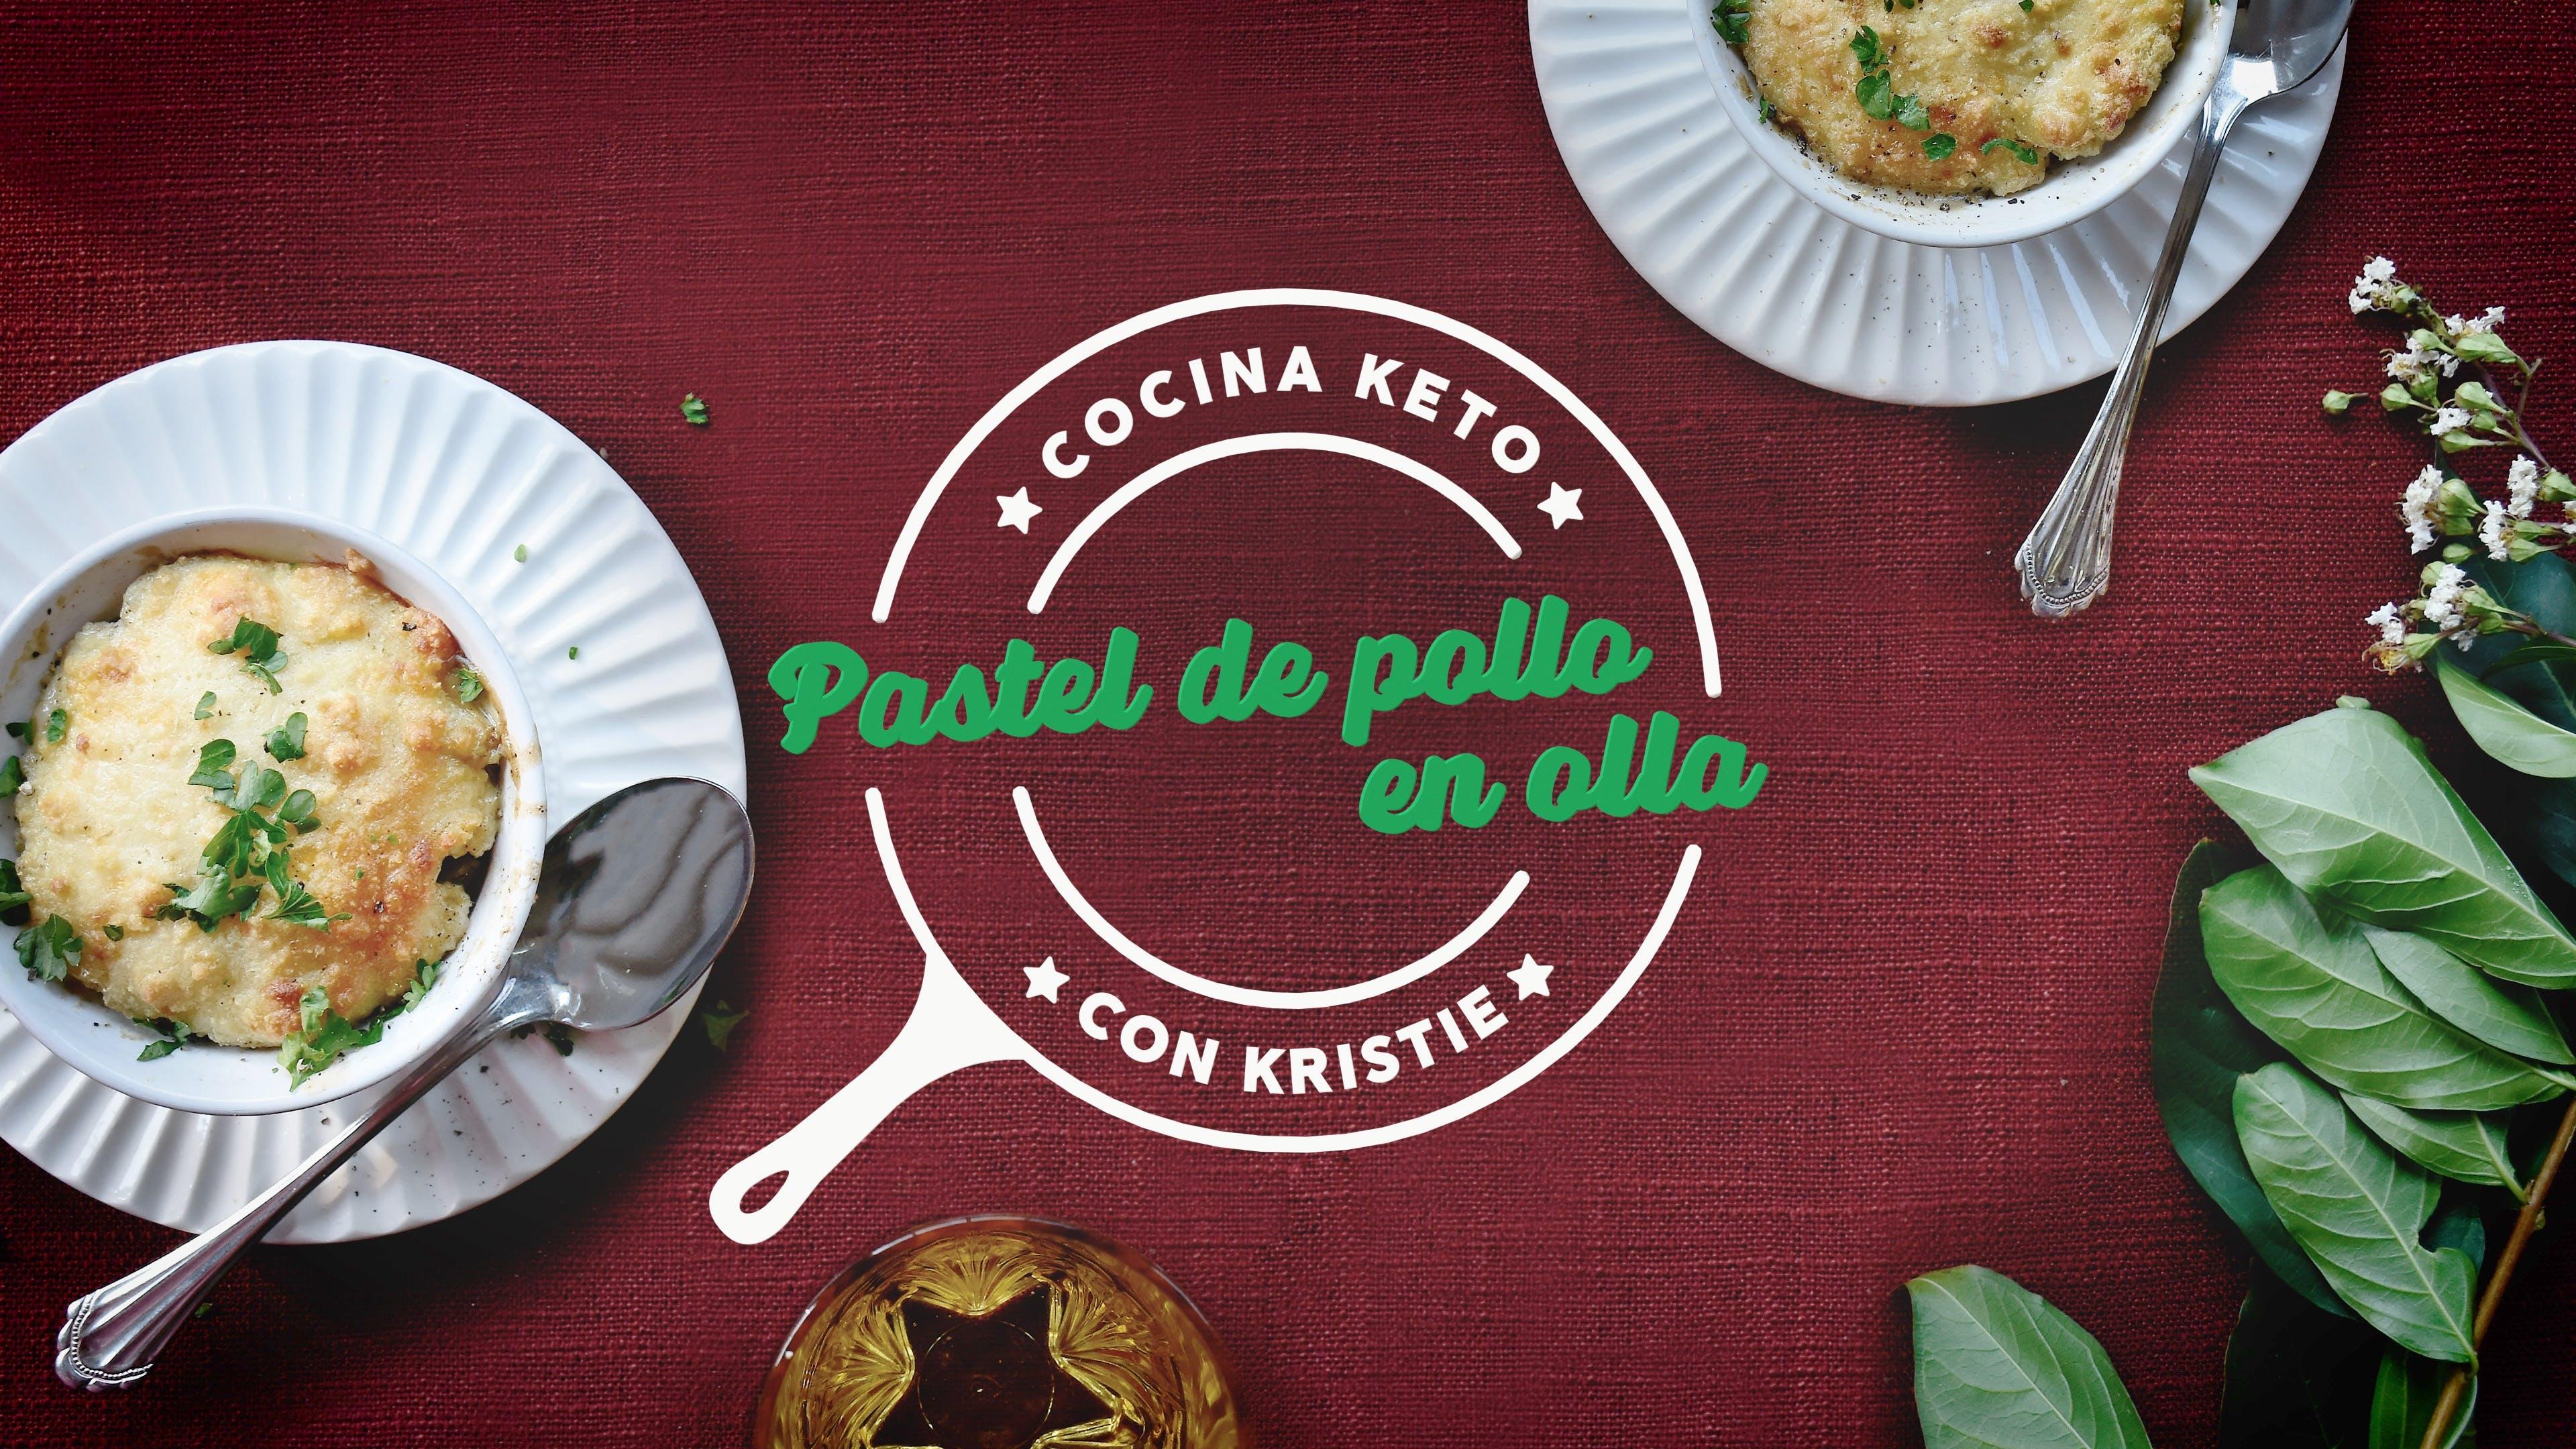 Cocina keto con Kristie - Pastel de pollo